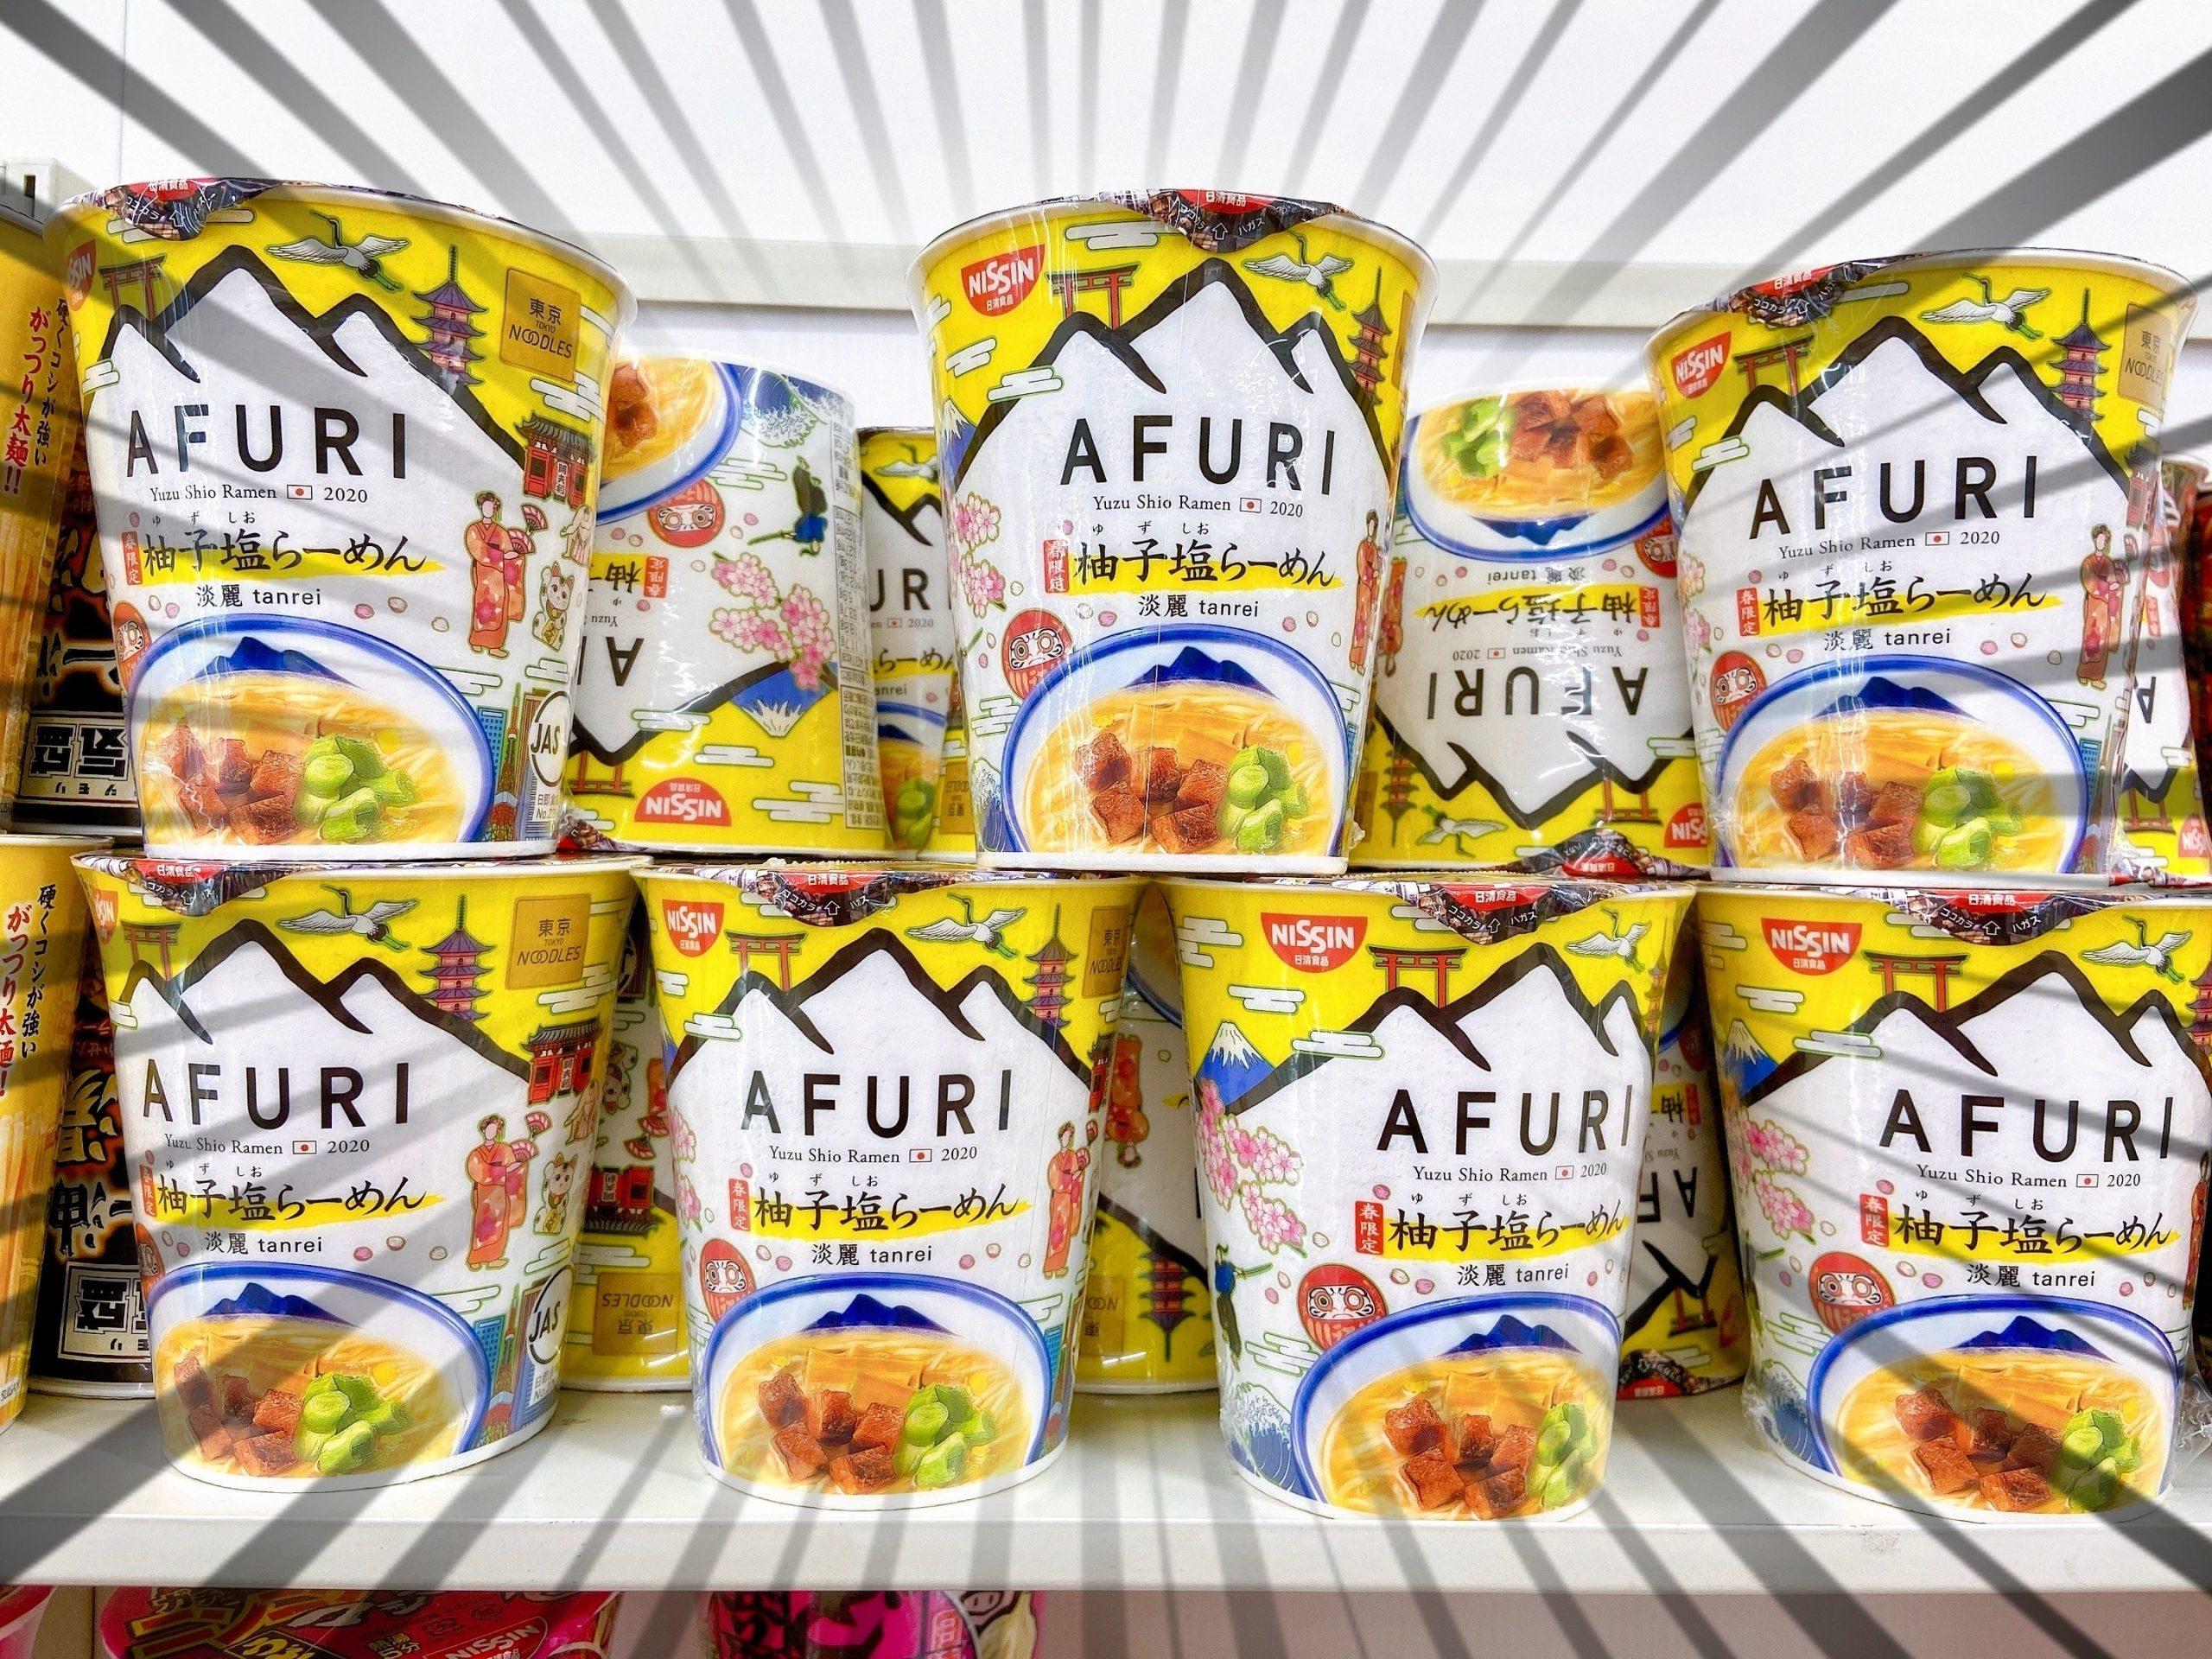 セブンイレブン スープ無限に飲める「AFURI 柚子塩ラーメン」を販売。うんめぇえええええええええええええ!